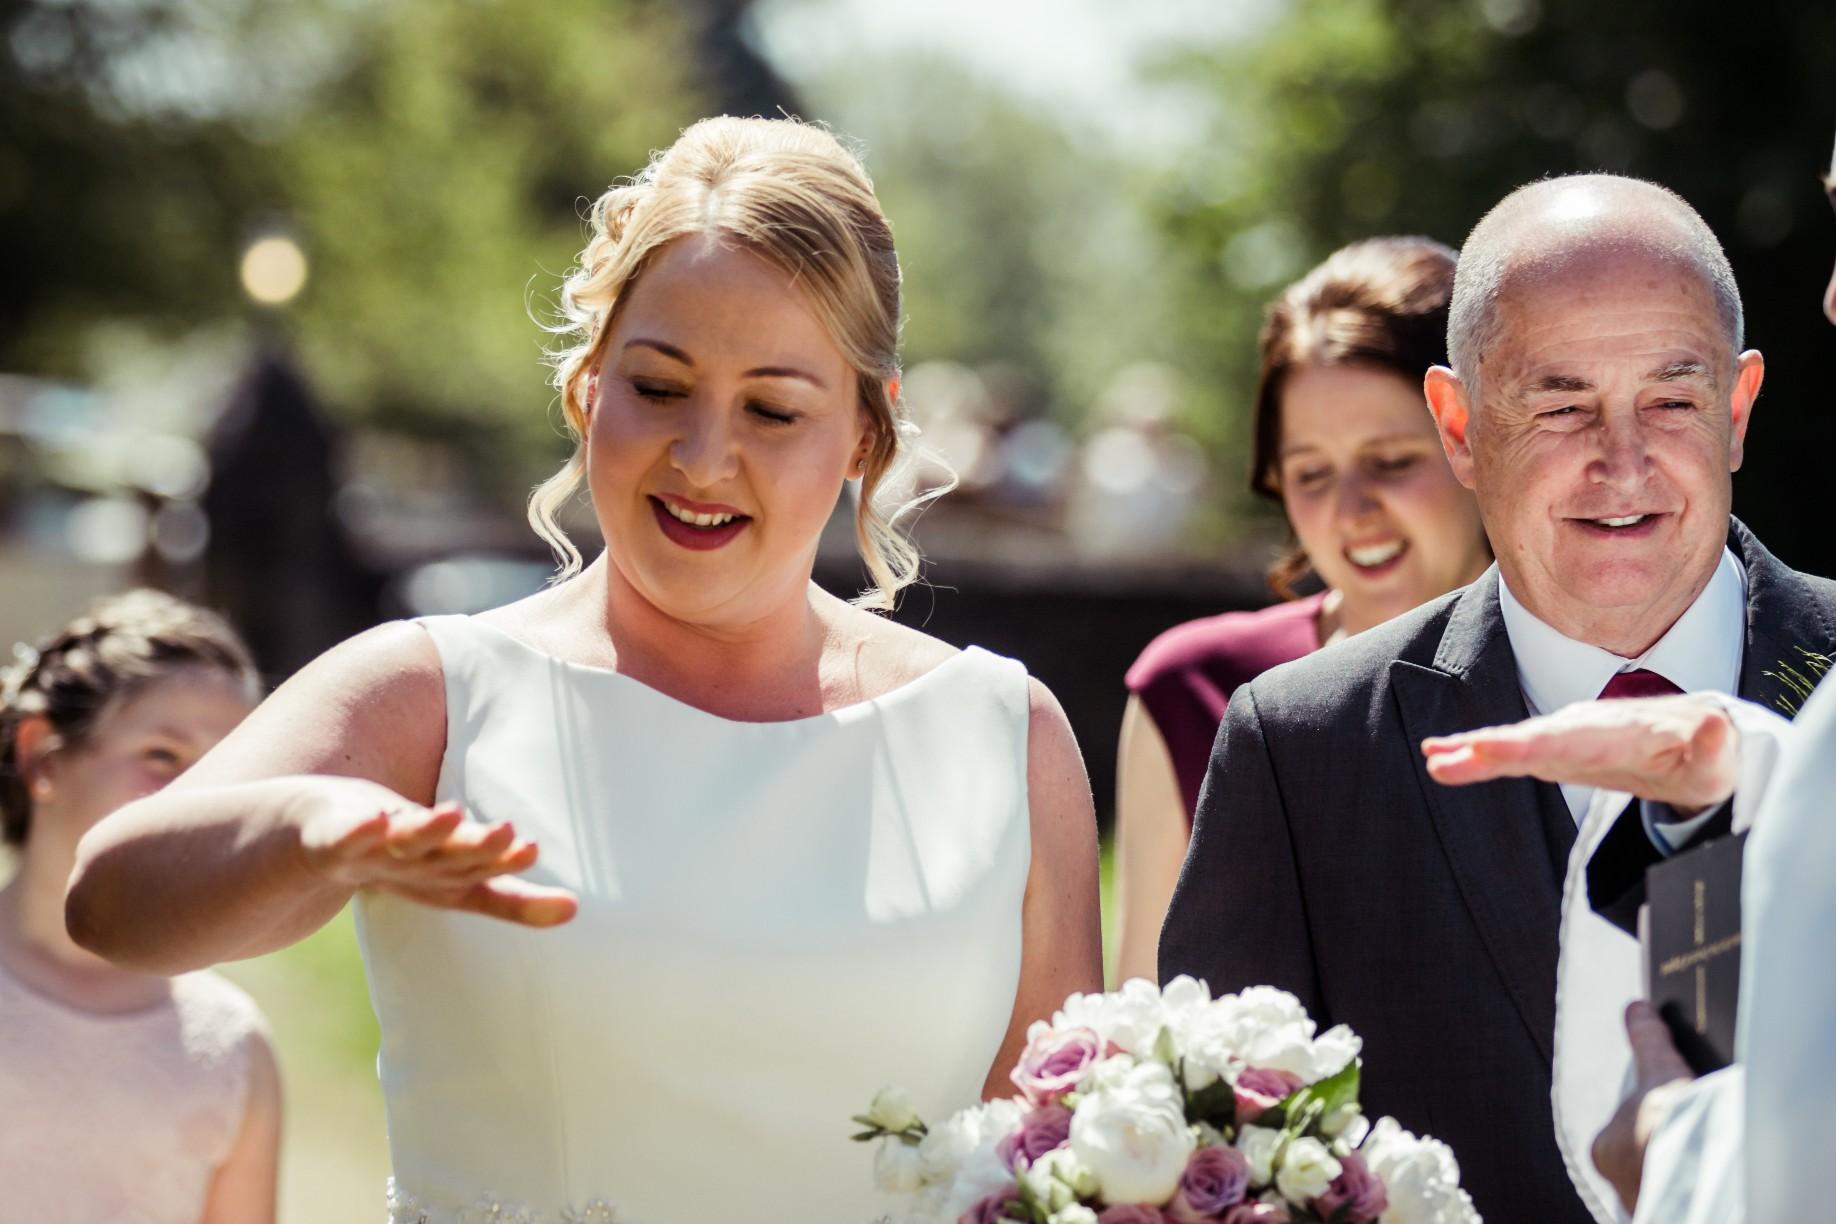 bride nerves of steel.jpg